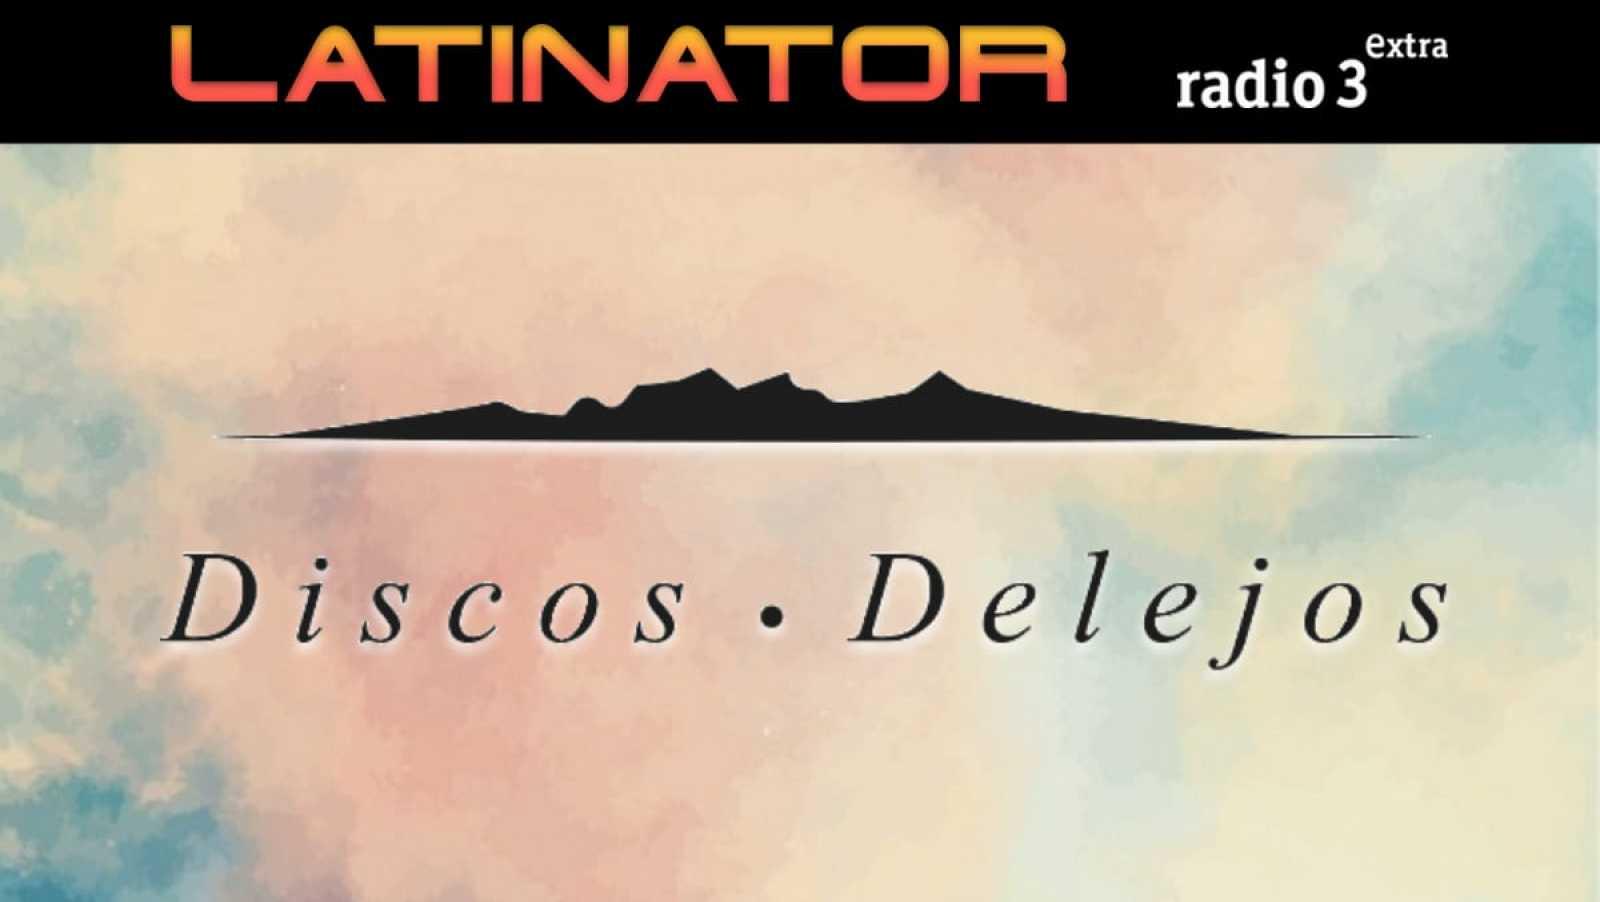 Latinator - DISCOS DELEJOS - Escuchar ahora